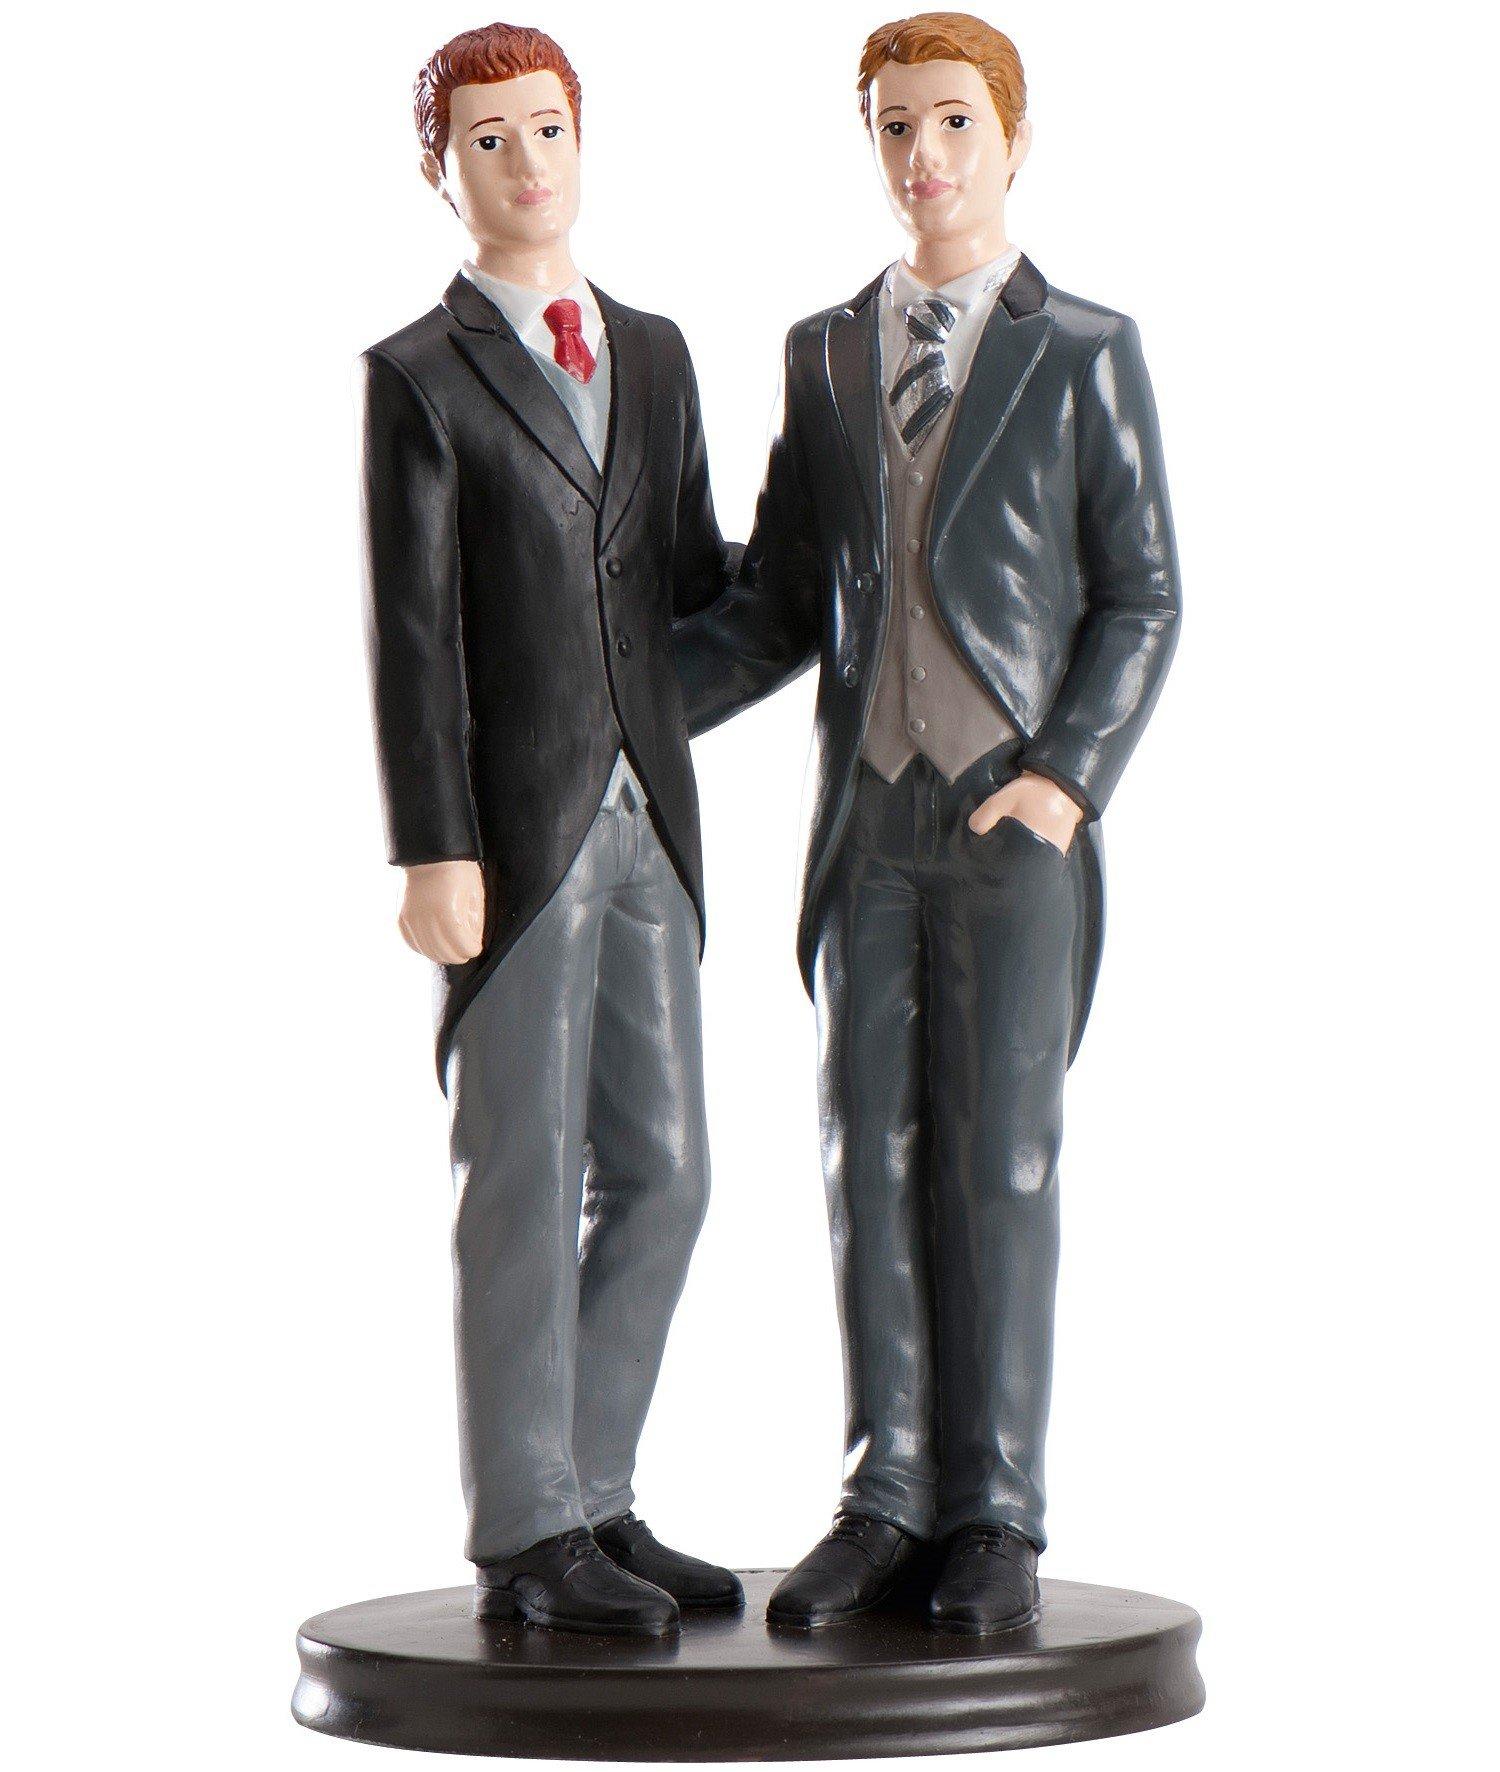 figurine gateau mariage gay - Figurine Mariage Gay